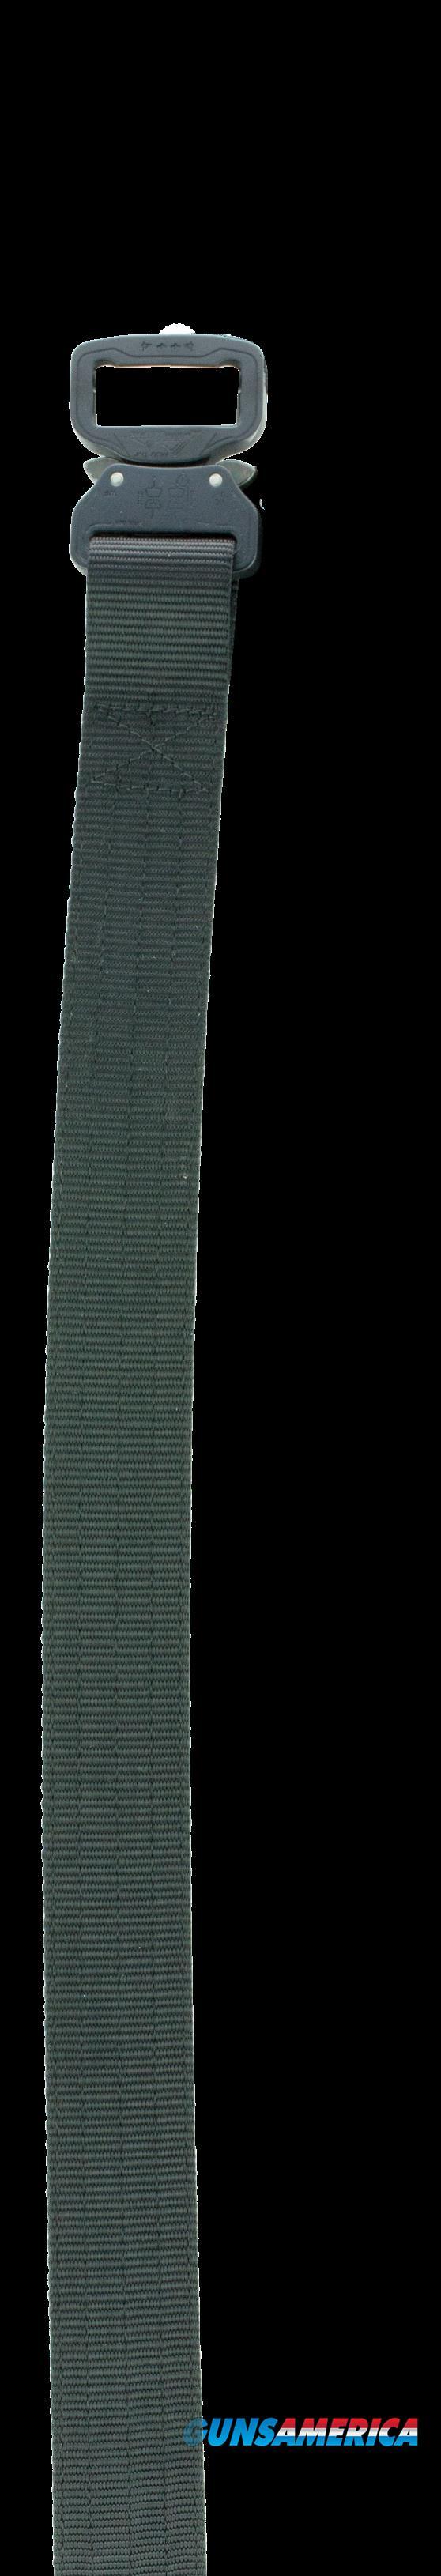 Galco Cobra Tactical, Galco Ctbbklg Cobra Tact Belt  Guns > Pistols > 1911 Pistol Copies (non-Colt)